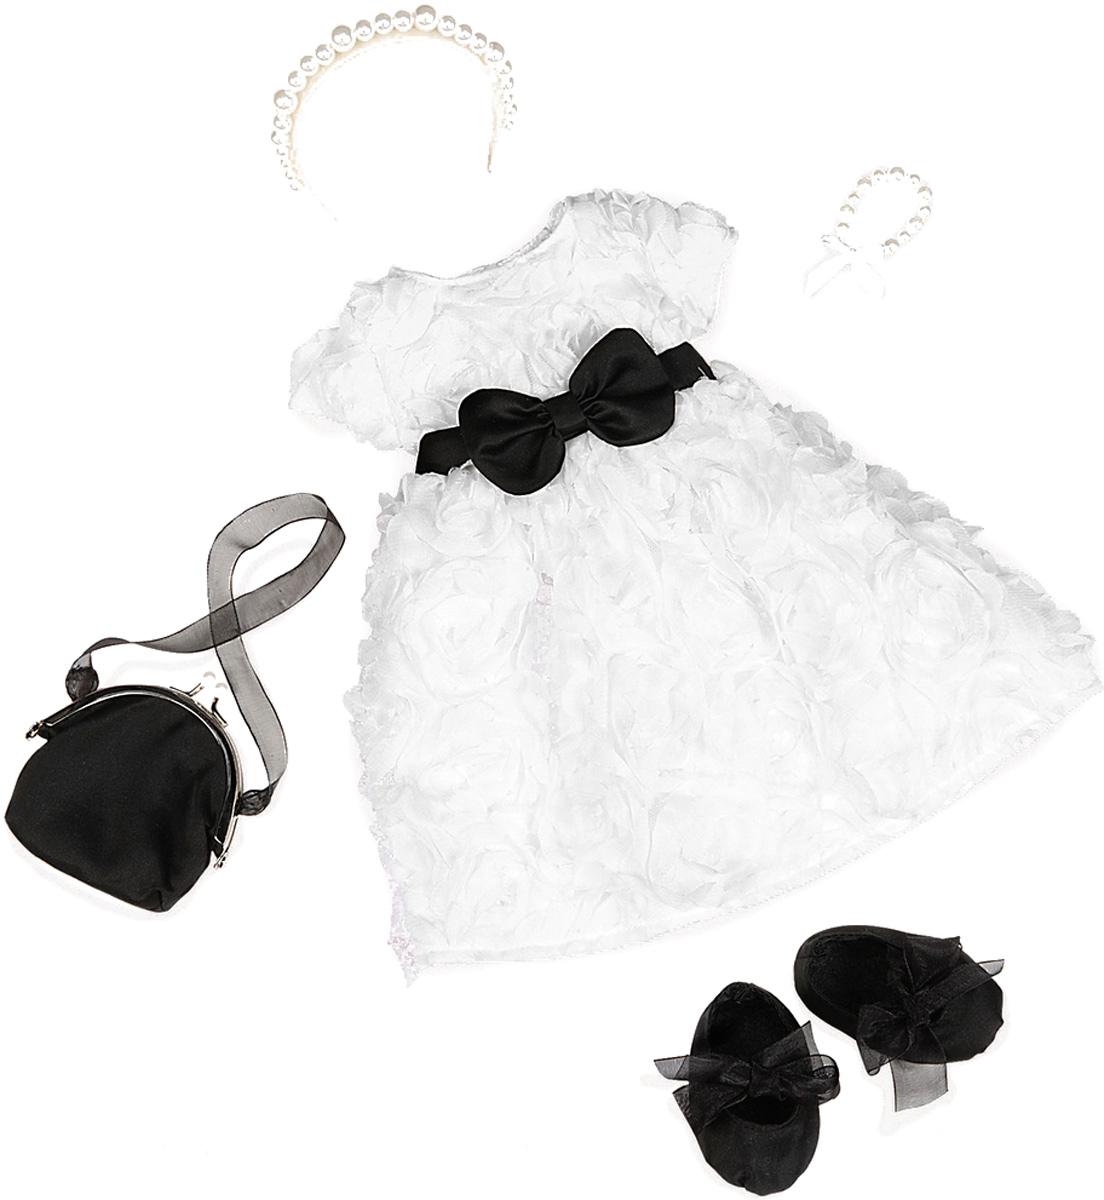 Our Generation Одежда для кукол Платье с розочками балетки сумочка11557Куклы тоже любят менять наряды! В наборе имеется шикарное белое платье с кружевными розочками и черным поясом. На ножки куколки можно надеть черные балетки с пышными бантиками, которые дополняет стильная черная сумочка. А неотразимым этот набор станет благодаря аксессуарам - белому ободку и браслету на ленте. Аксессуары выполнены из круглых пластиковых бусин под жемчуг. Все девочки очень любят переодевать своих кукол, создавая новые образы, а с таким набором одежды образы можно менять хоть каждый день. Набор одежды станет прекрасным подарком, который обрадует любую девочку и сделает ее куклу самой красивой! Одежда подходит для кукол высотой 46 см.